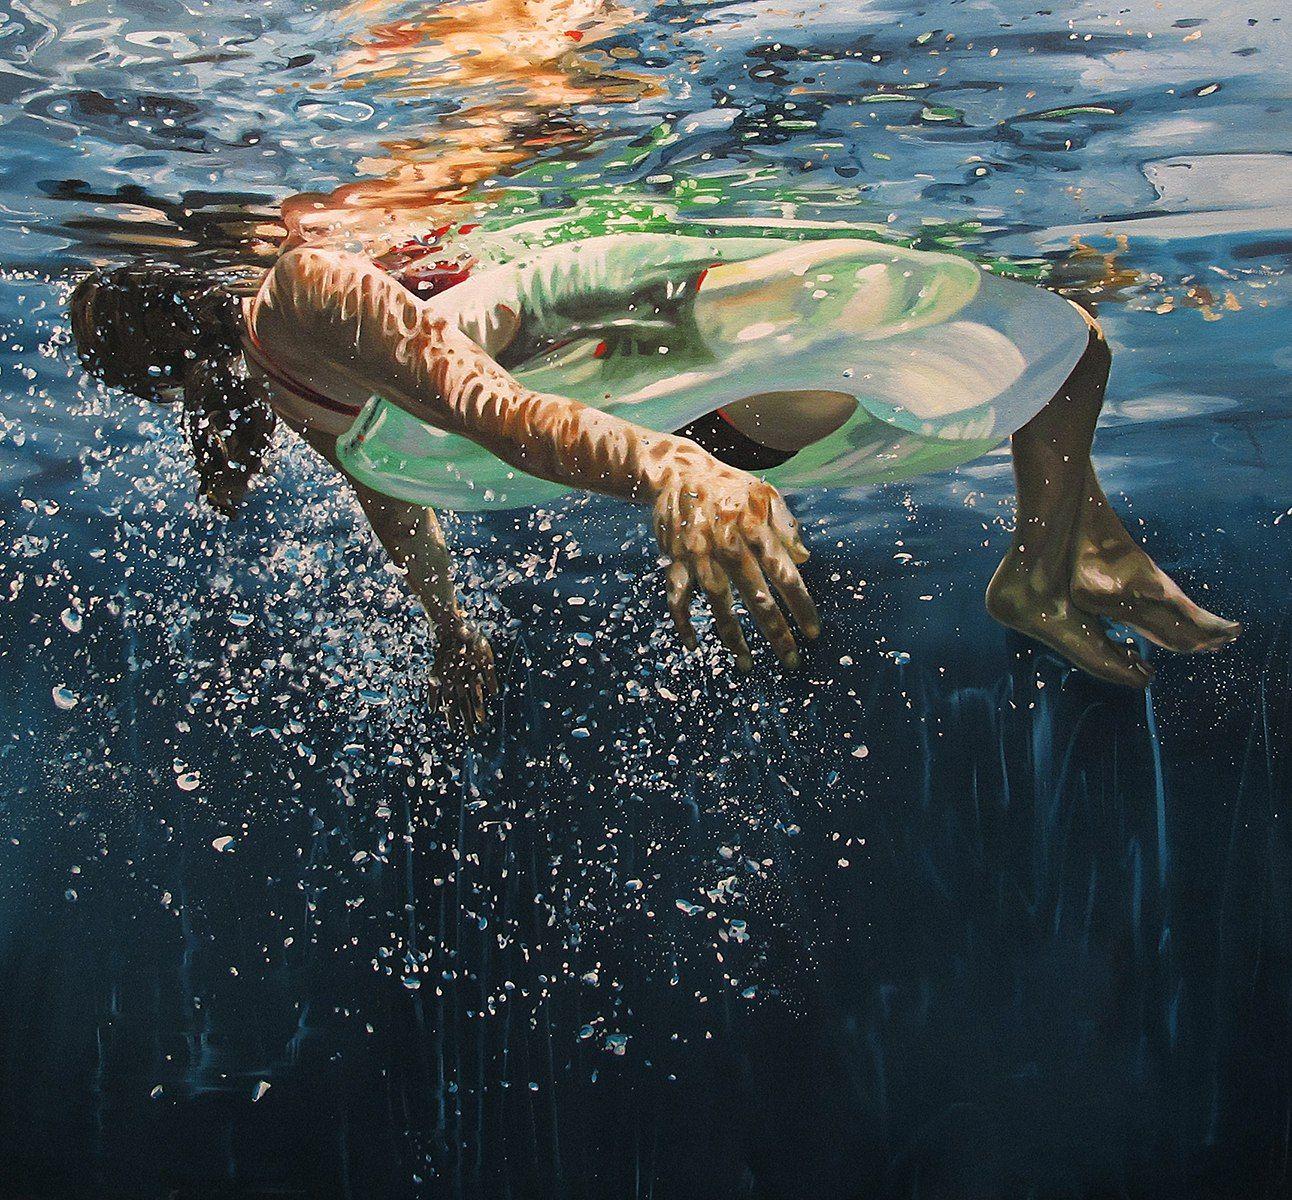 underwater paintings artwork - 720×669